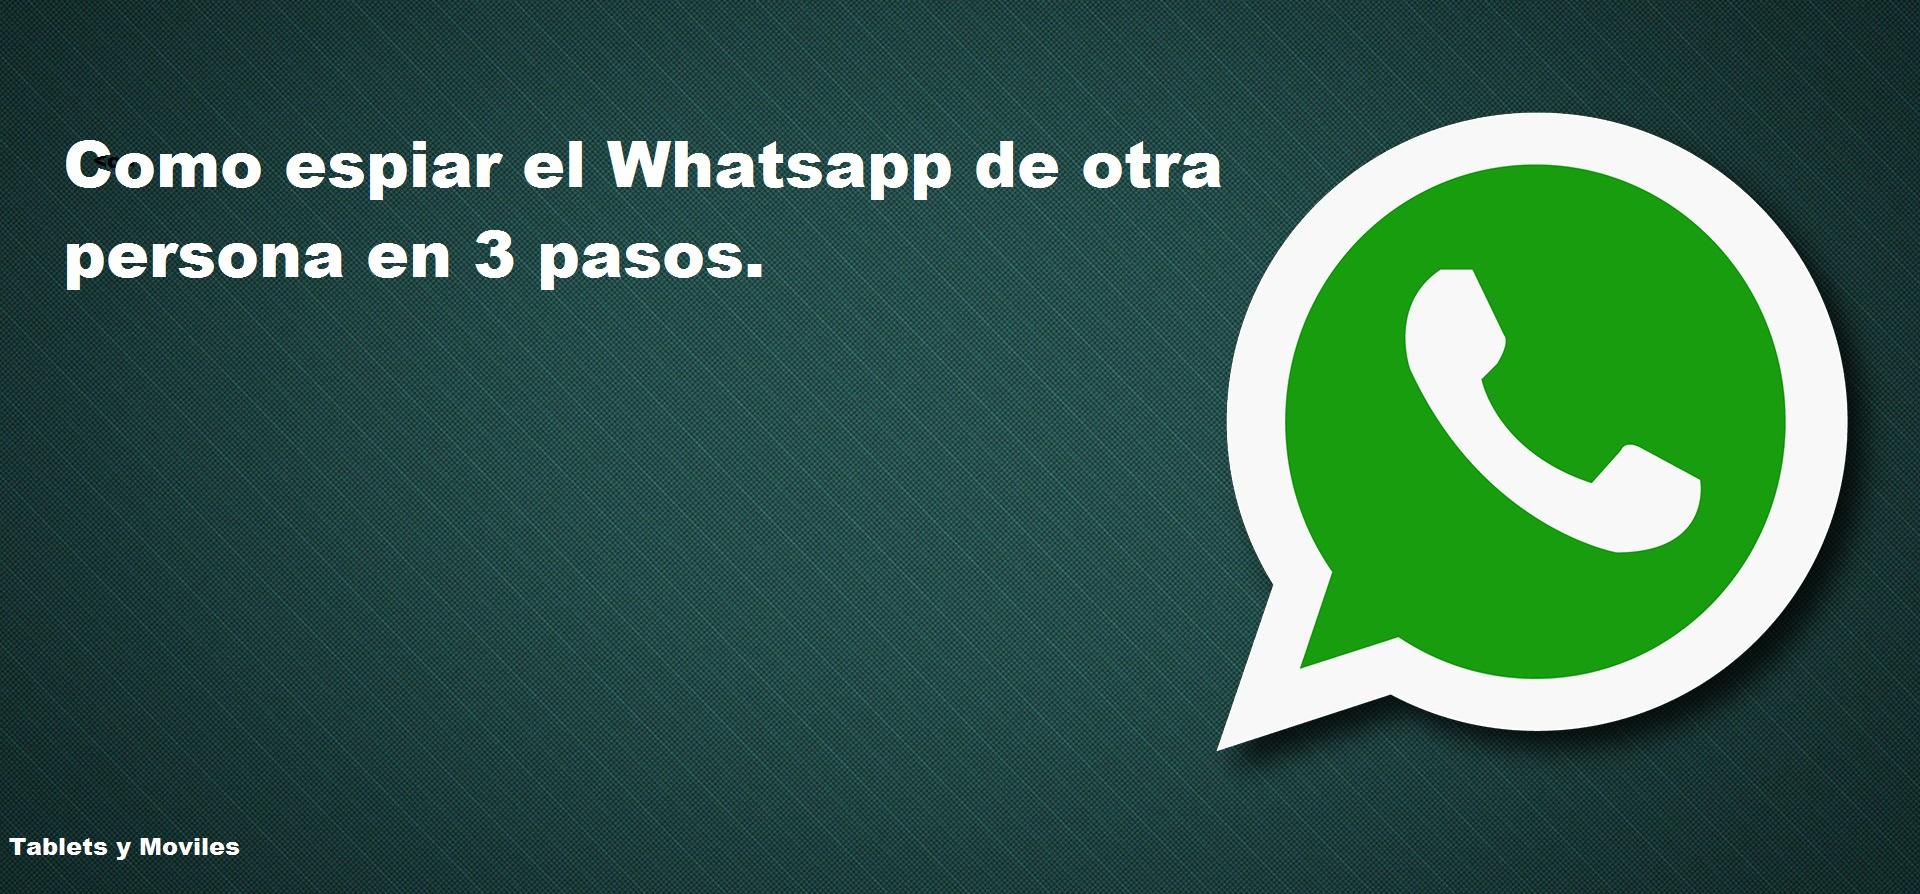 Como espiar whatsapp a otra persona sin que lo sepa